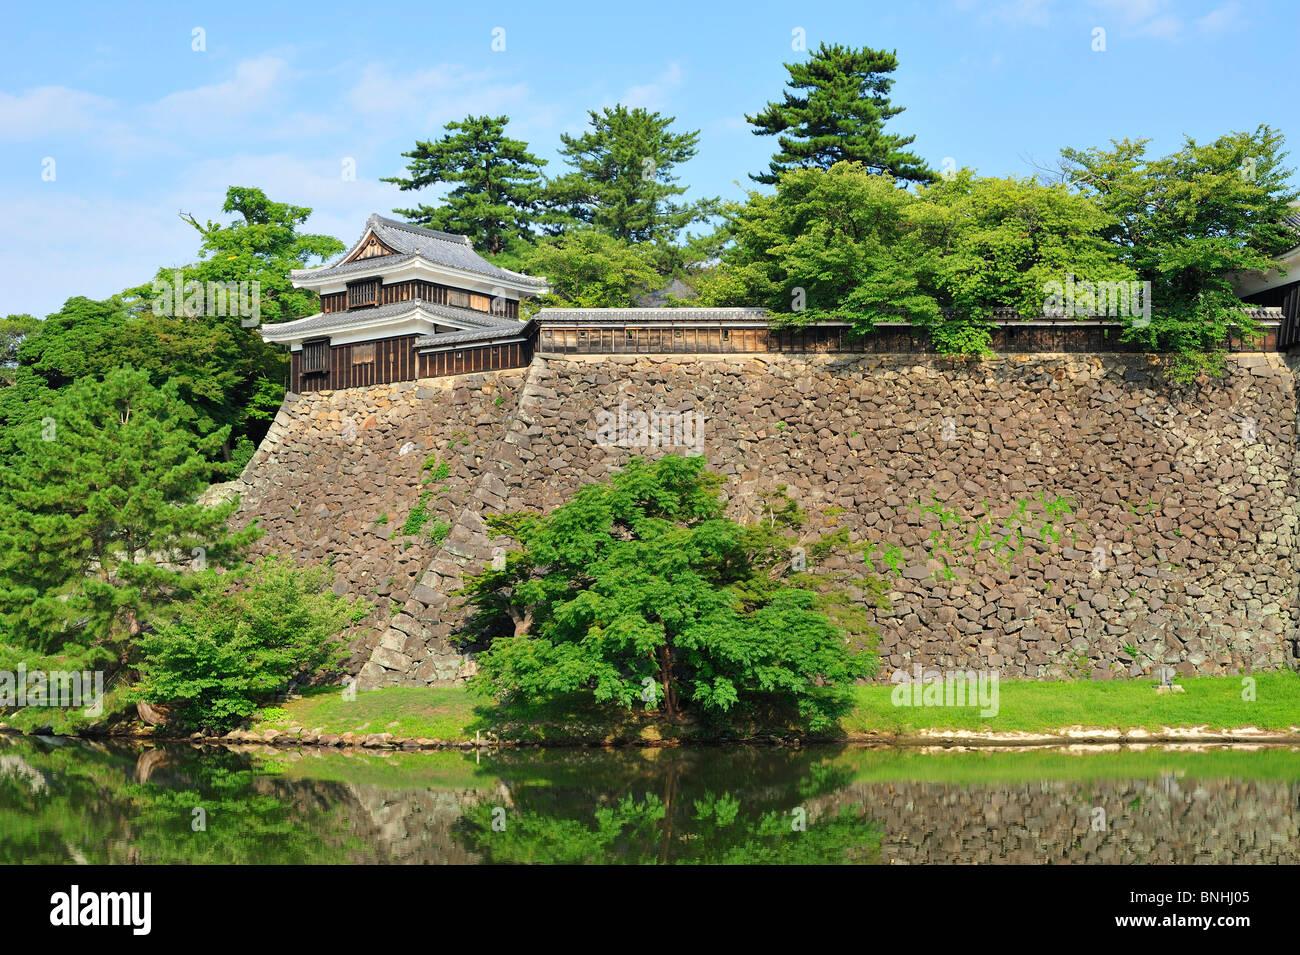 Giappone Matsue Castello Città di Matsue prefettura di Shimane isola di Honshu Asia Architettura Castello Fortezza Foto Stock